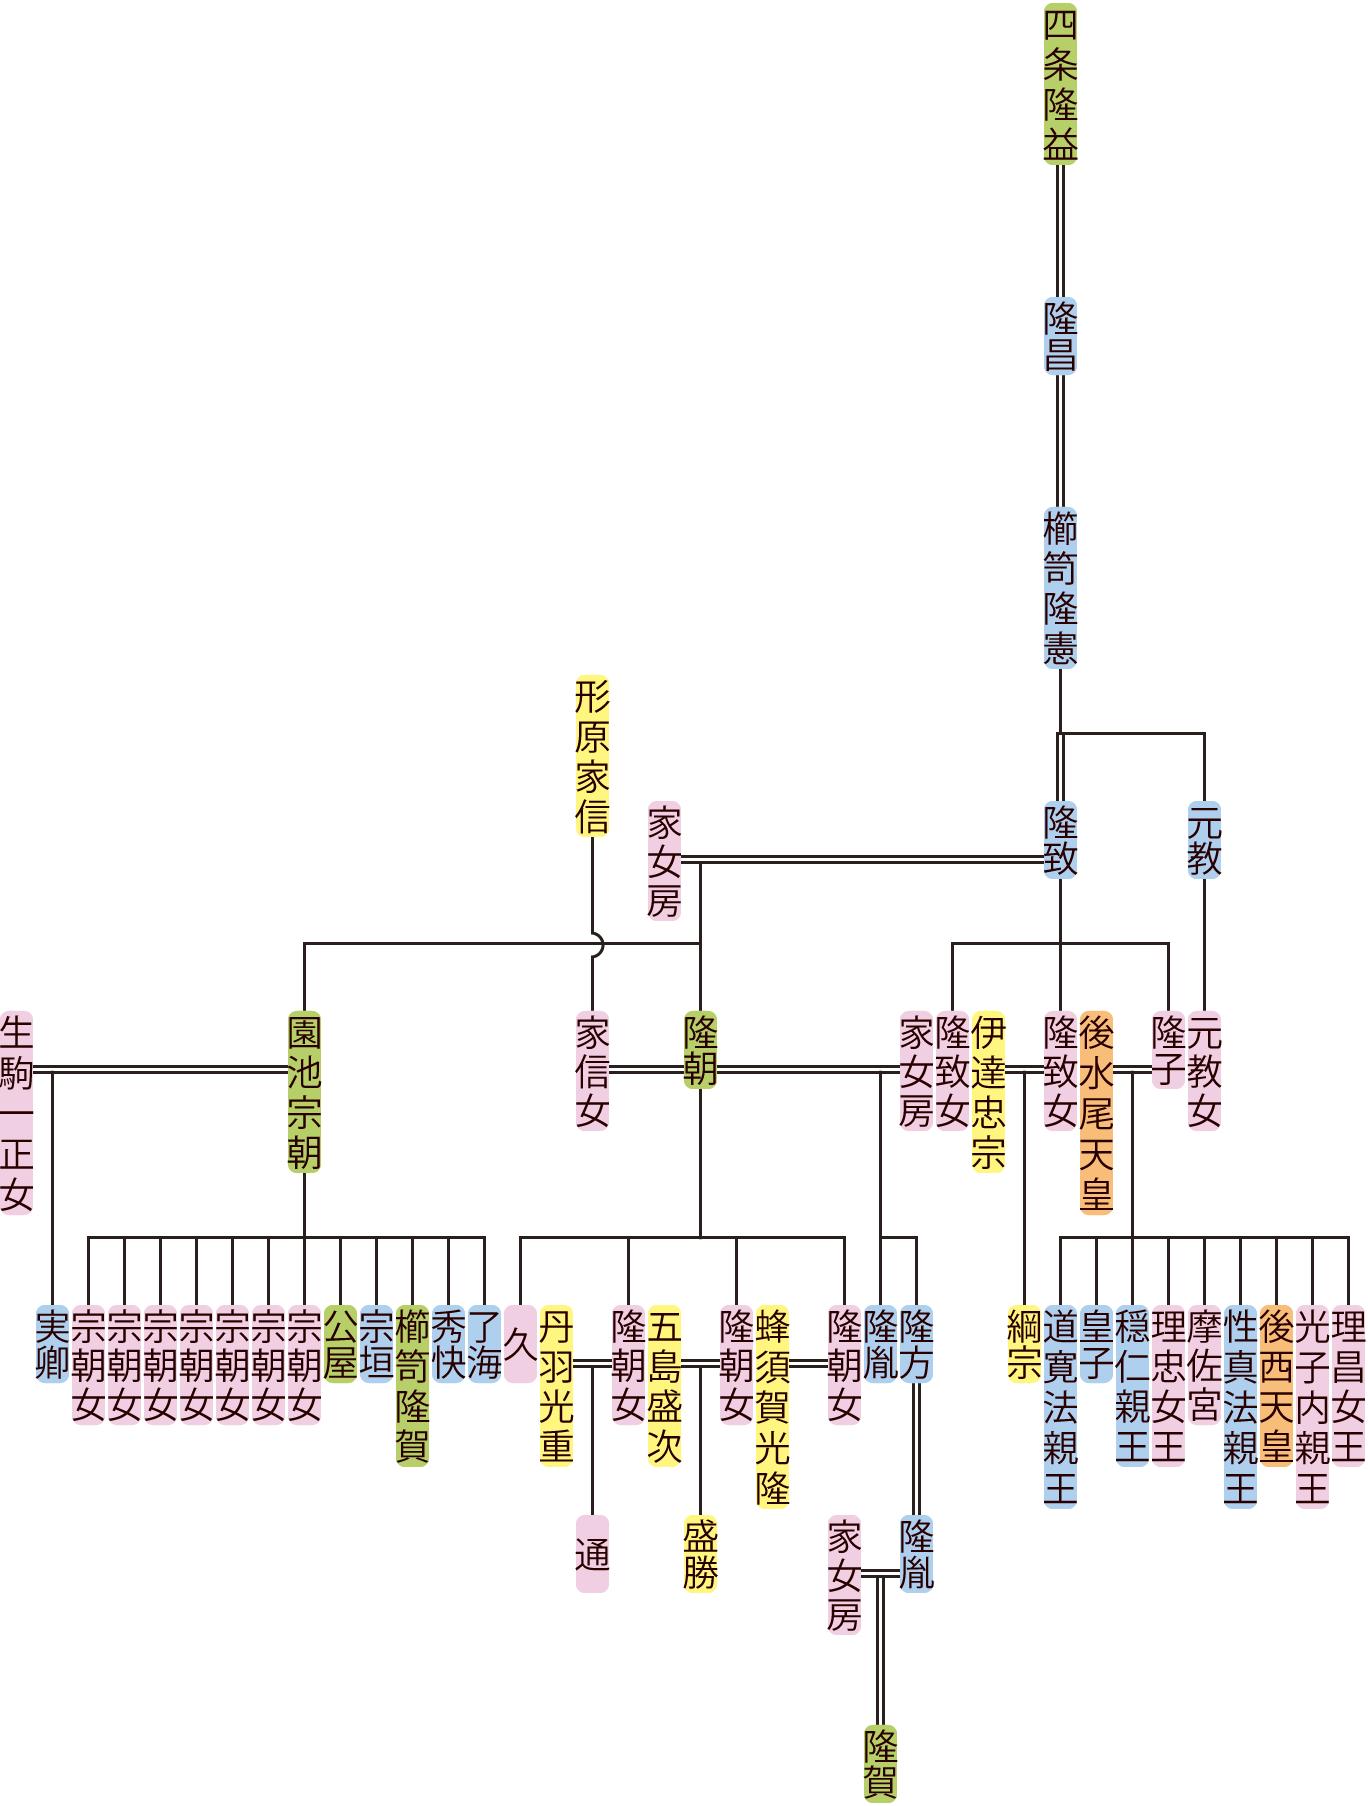 櫛笥隆憲~隆方の系図